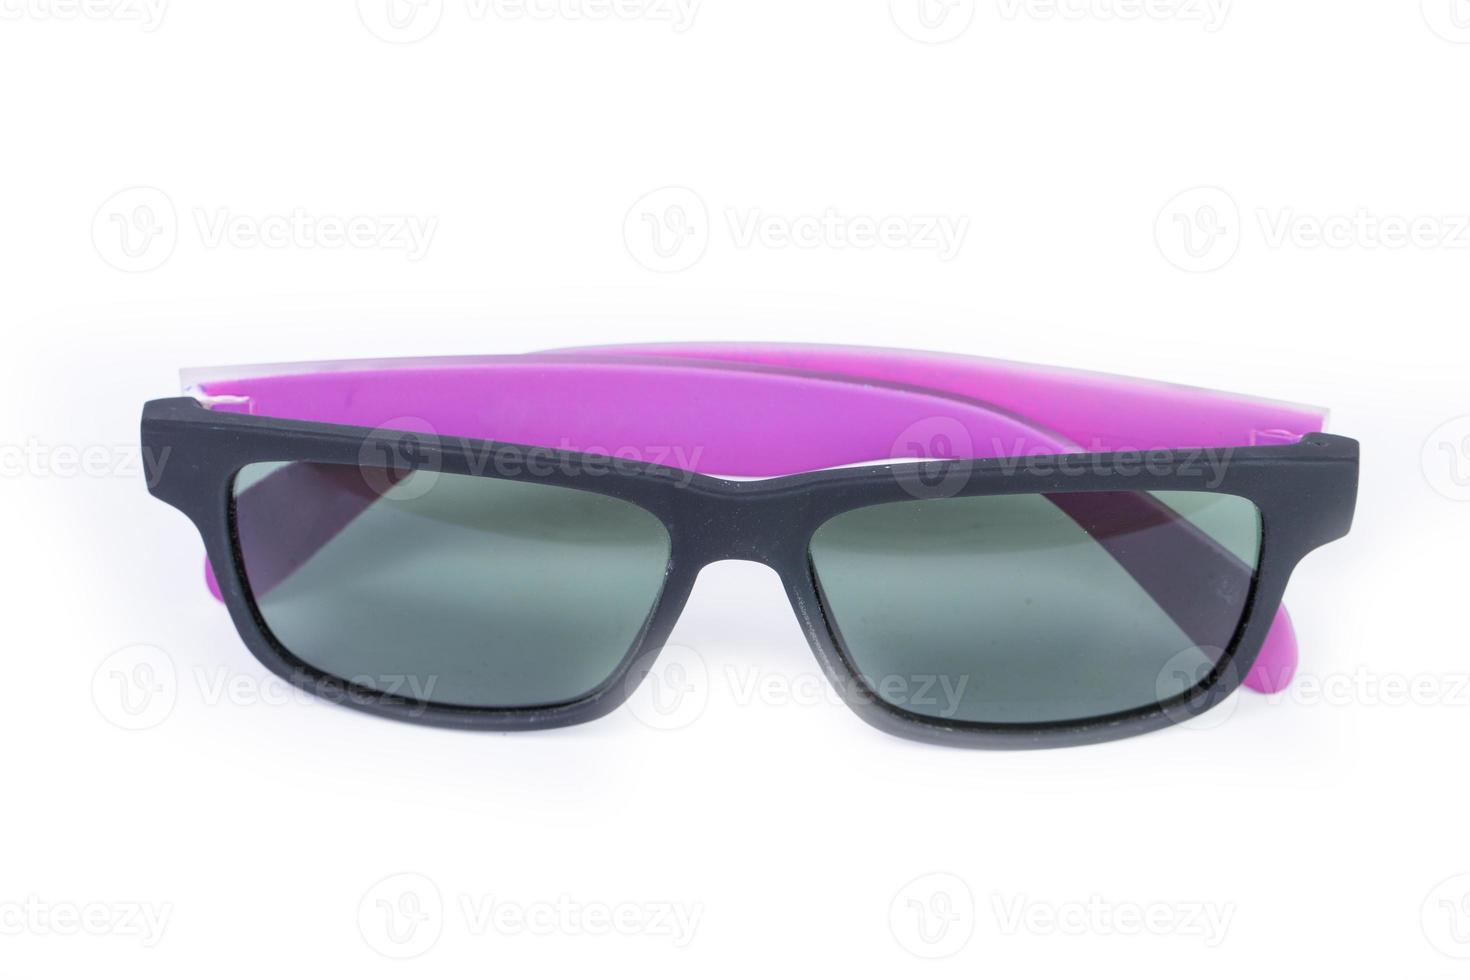 Sonnenbrille aus der Nähe foto